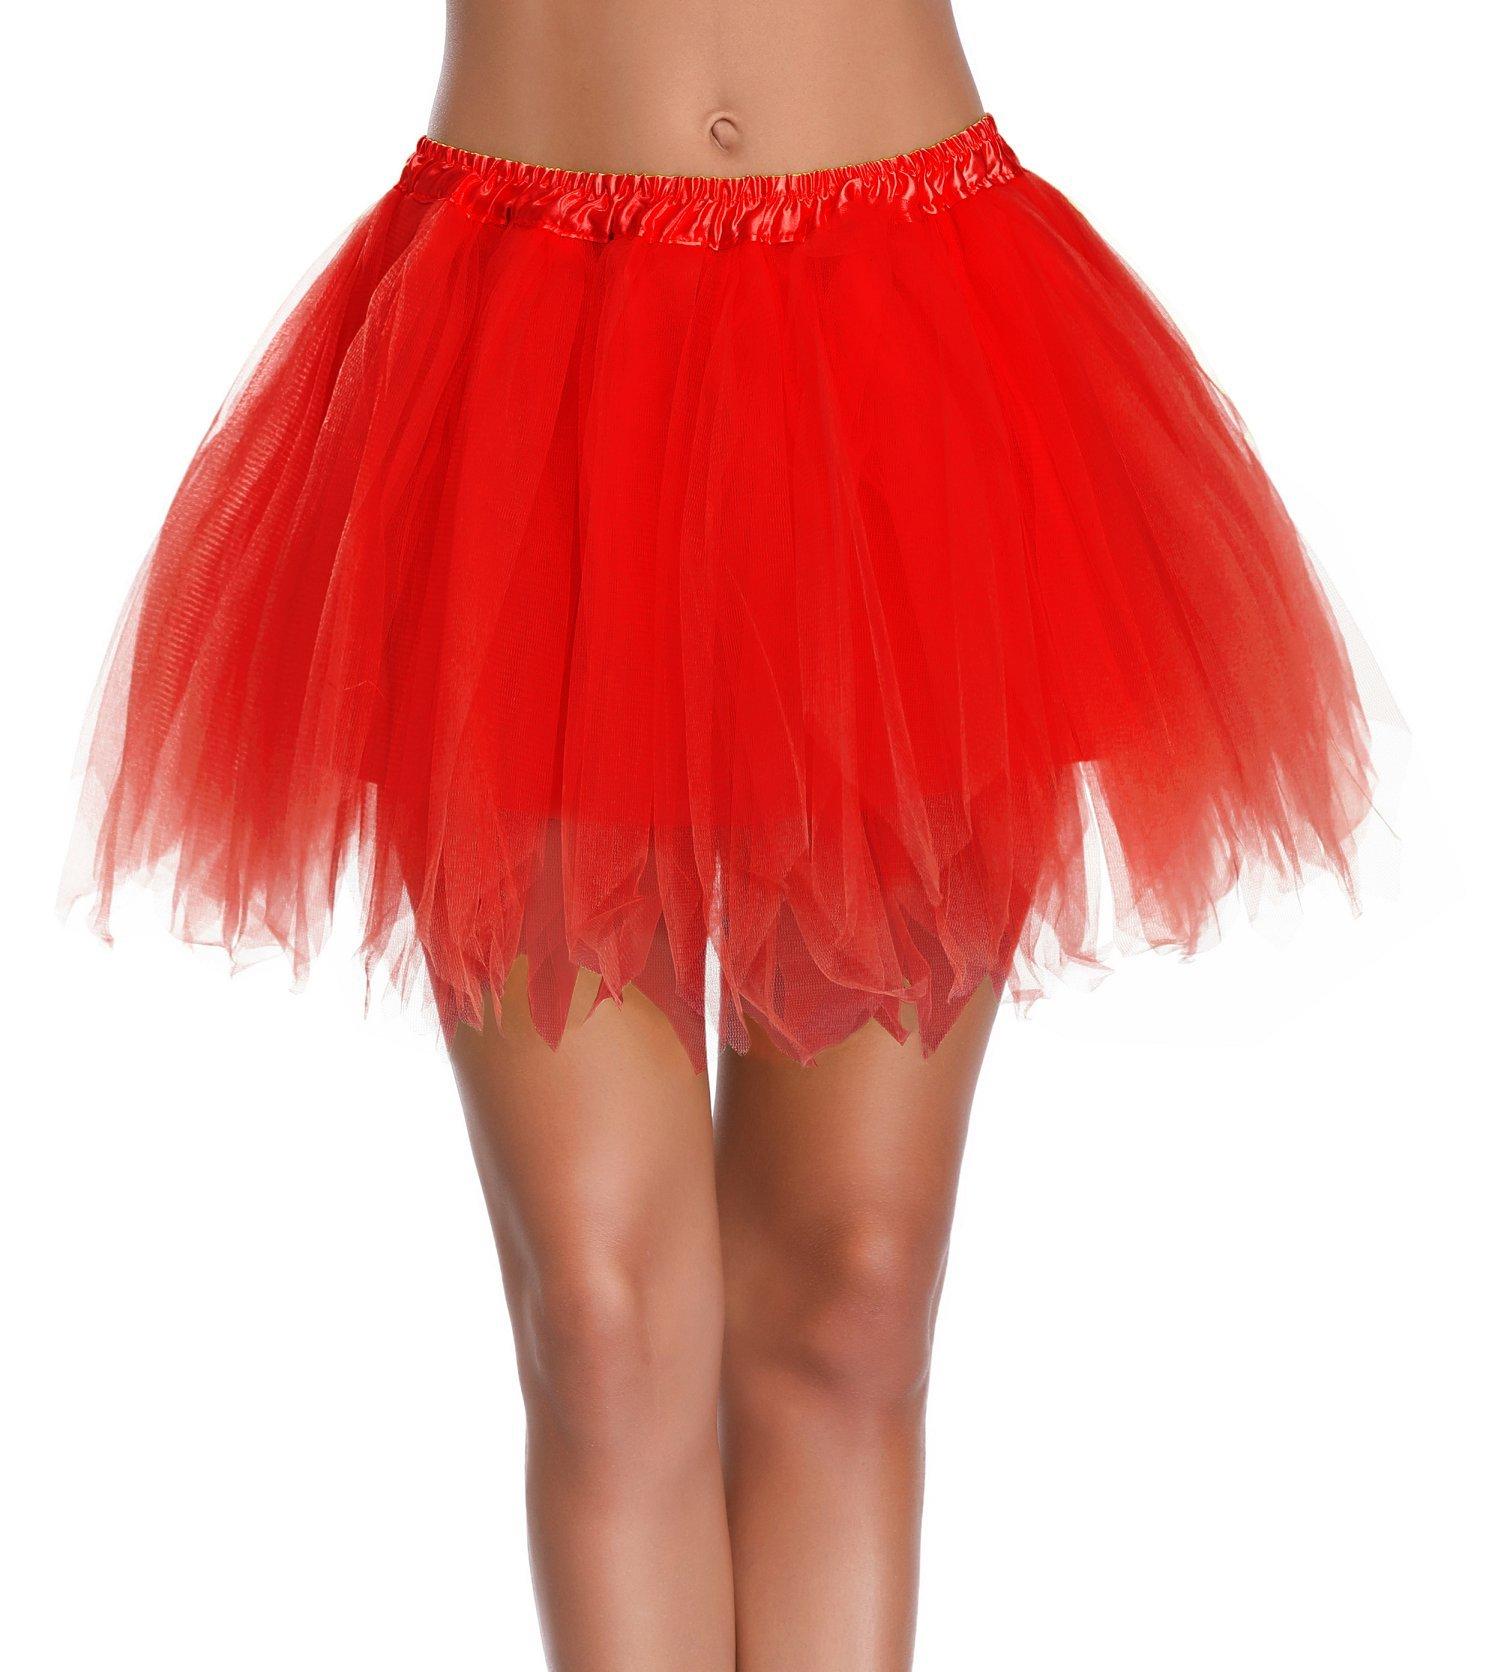 V28 Women's Teen's 1950s Vintage Tutu Tulle Petticoat Ballet Bubble Skirt (Regular Size (US: 0-12), Red)